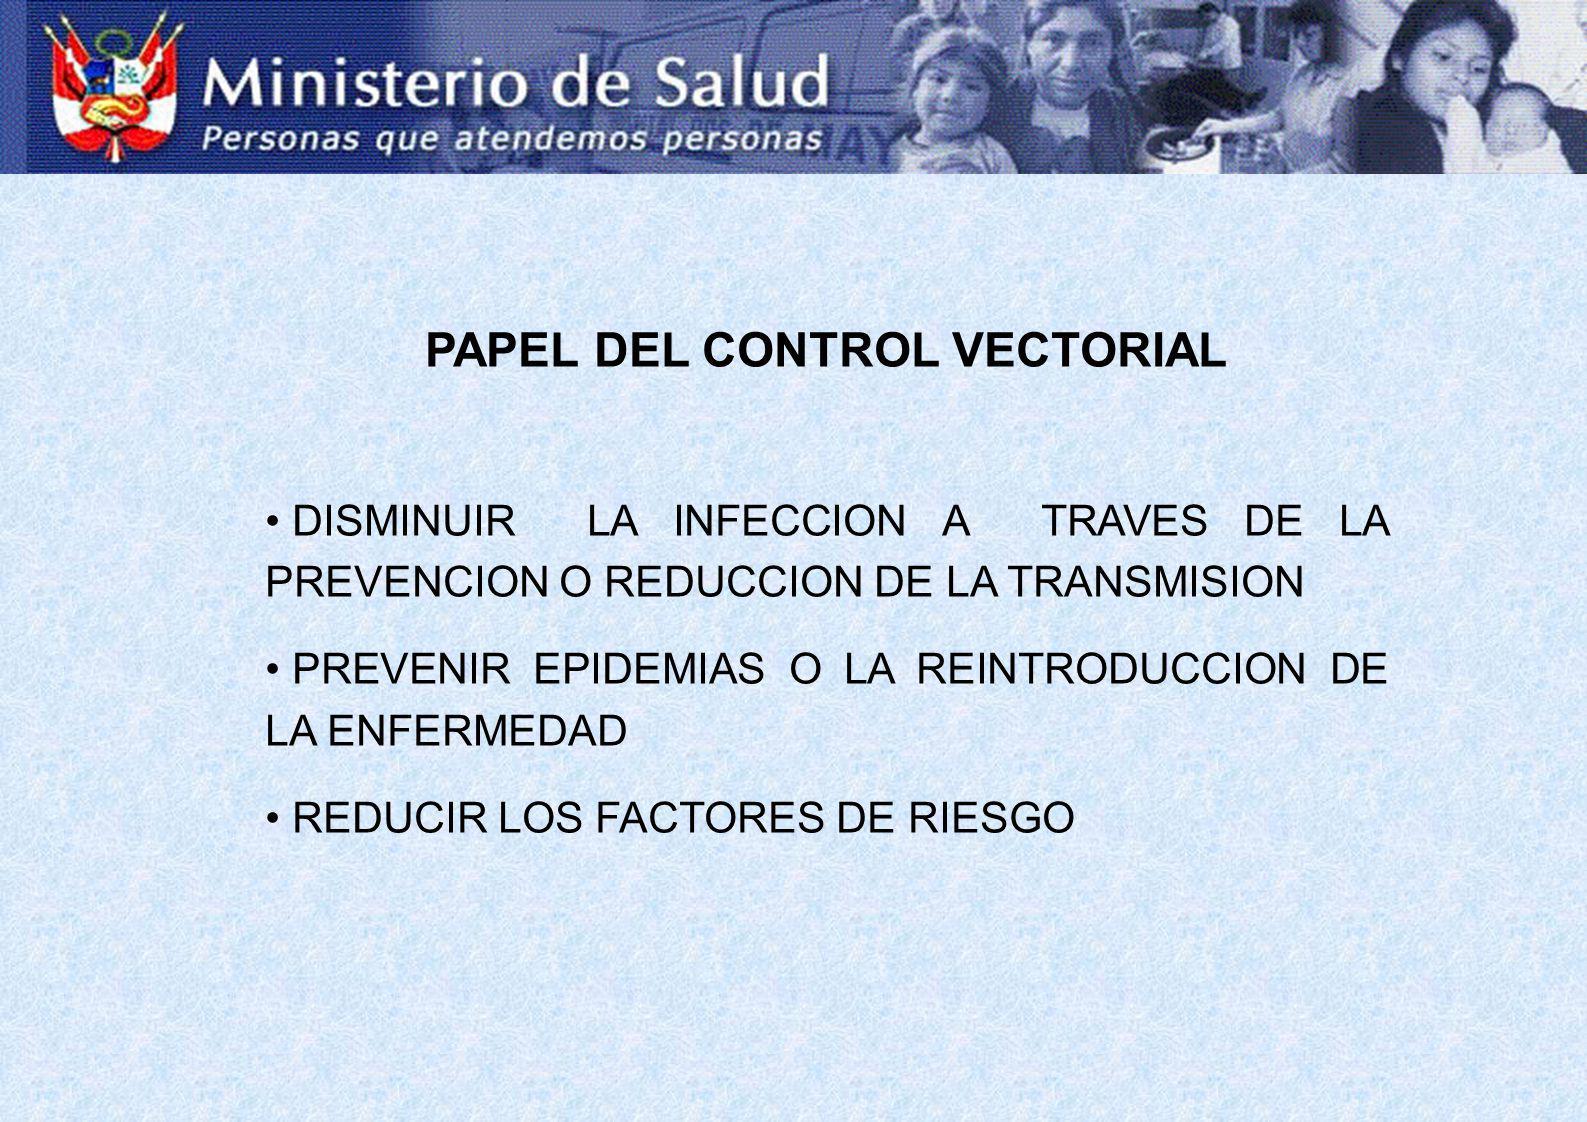 PAPEL DEL CONTROL VECTORIAL